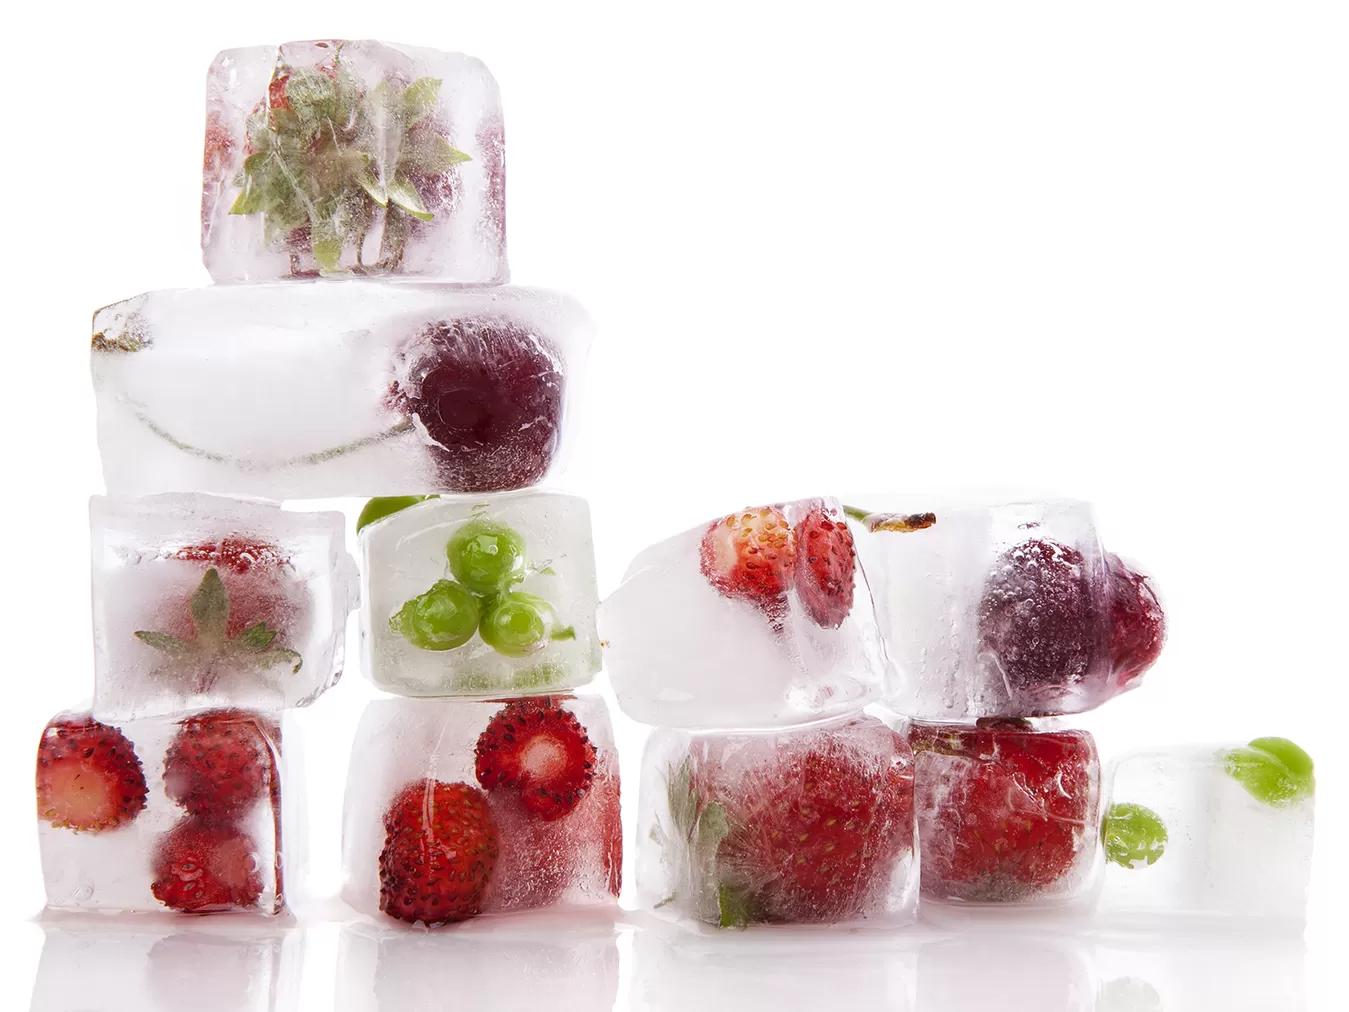 Bảo vệ thực phẩm được làm lạnh bằng SuperCooling.